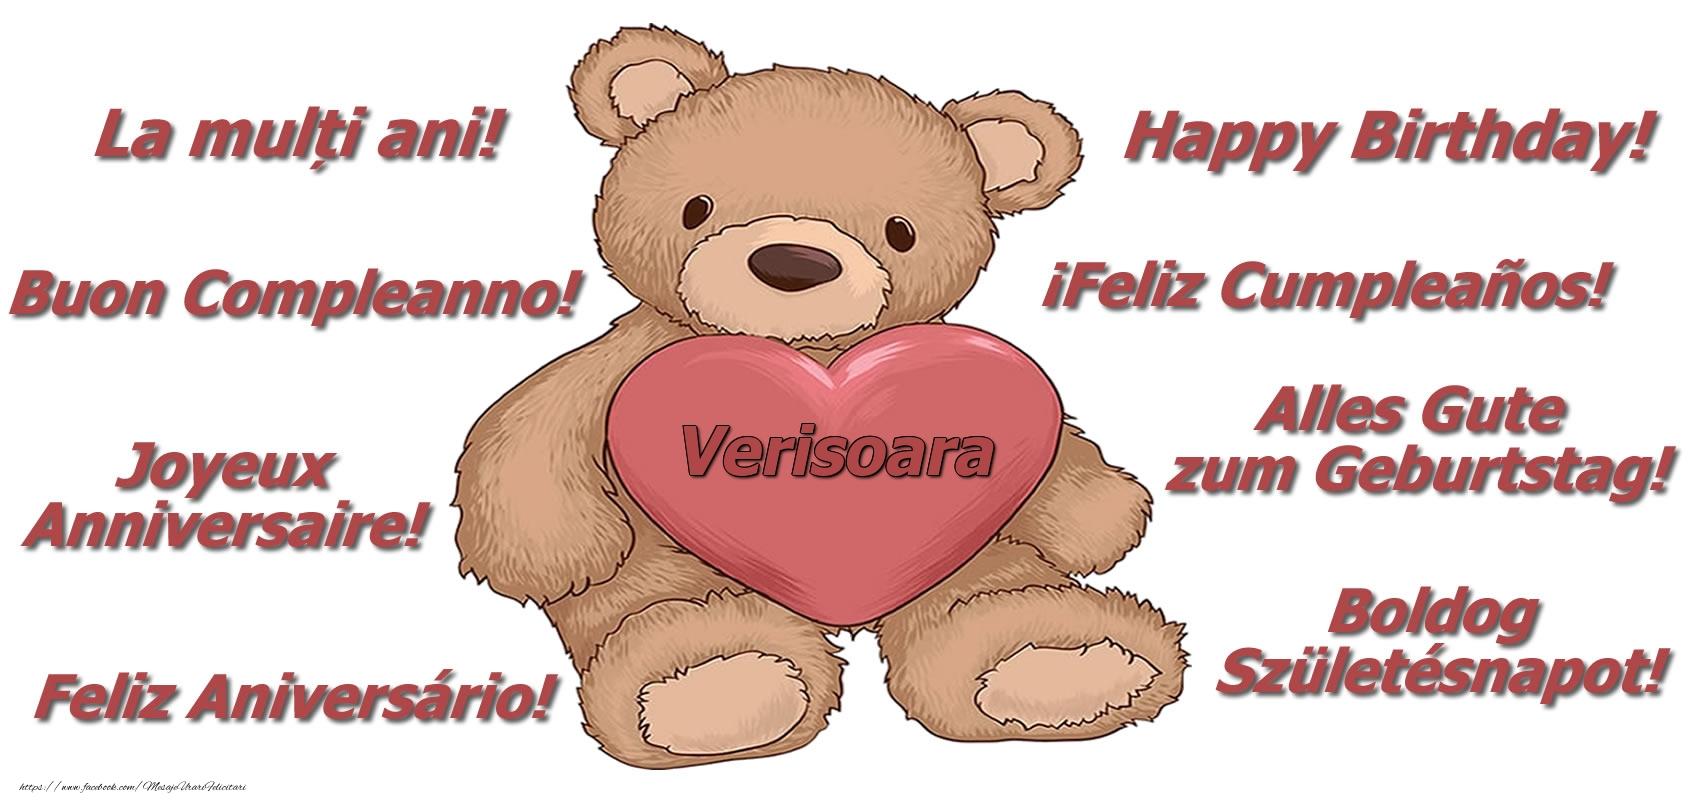 Felicitari de zi de nastere pentru Verisoara - La multi ani verisoara! - Ursulet